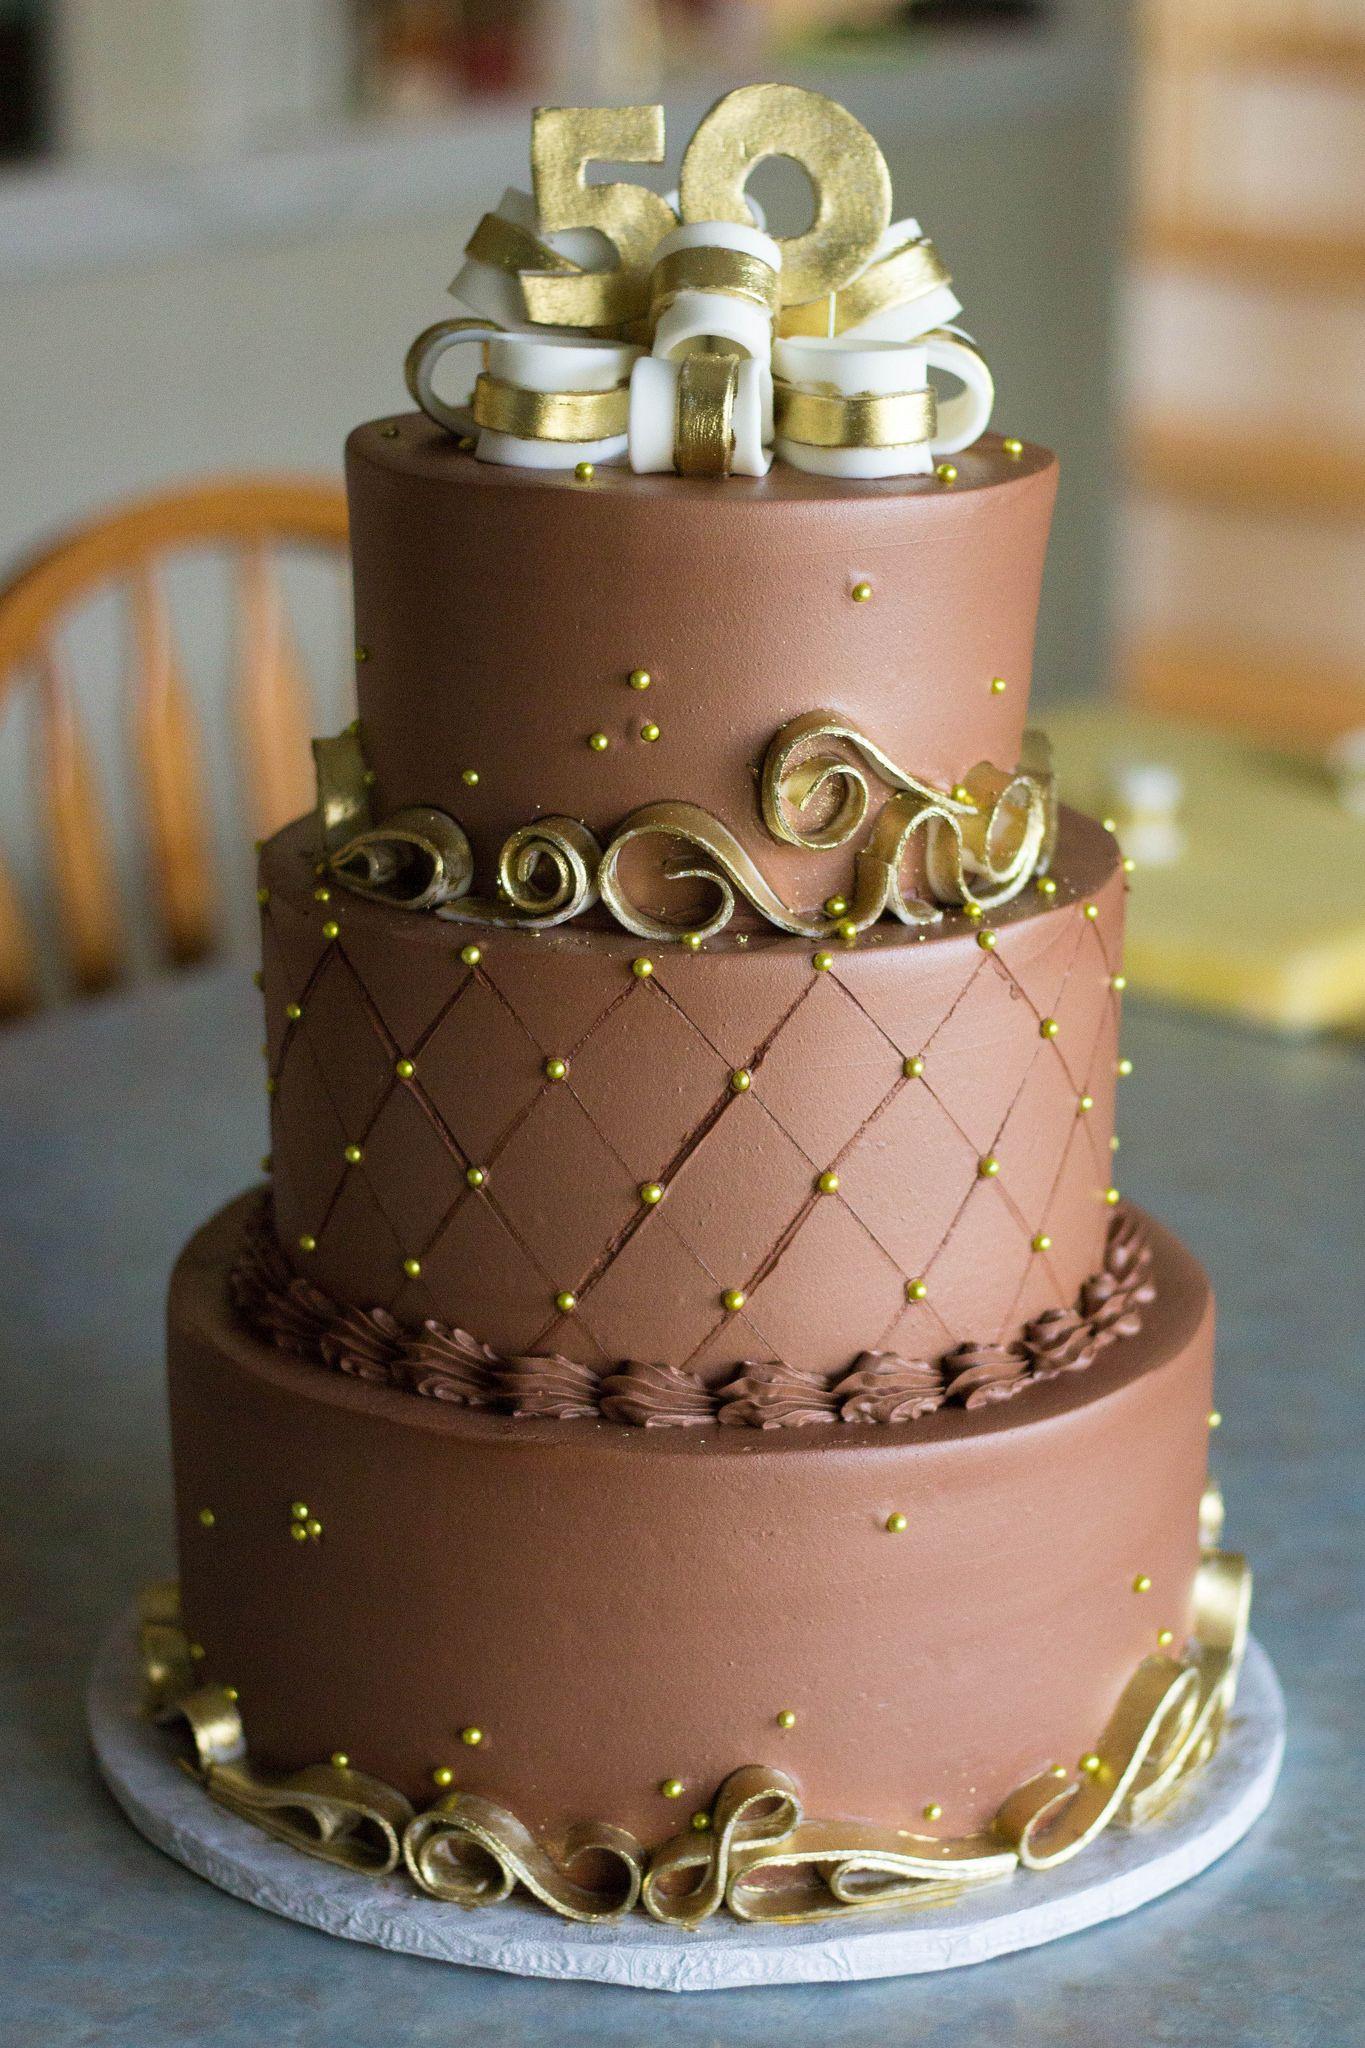 Chocolate Amp Gold 50th Anniversary Cake